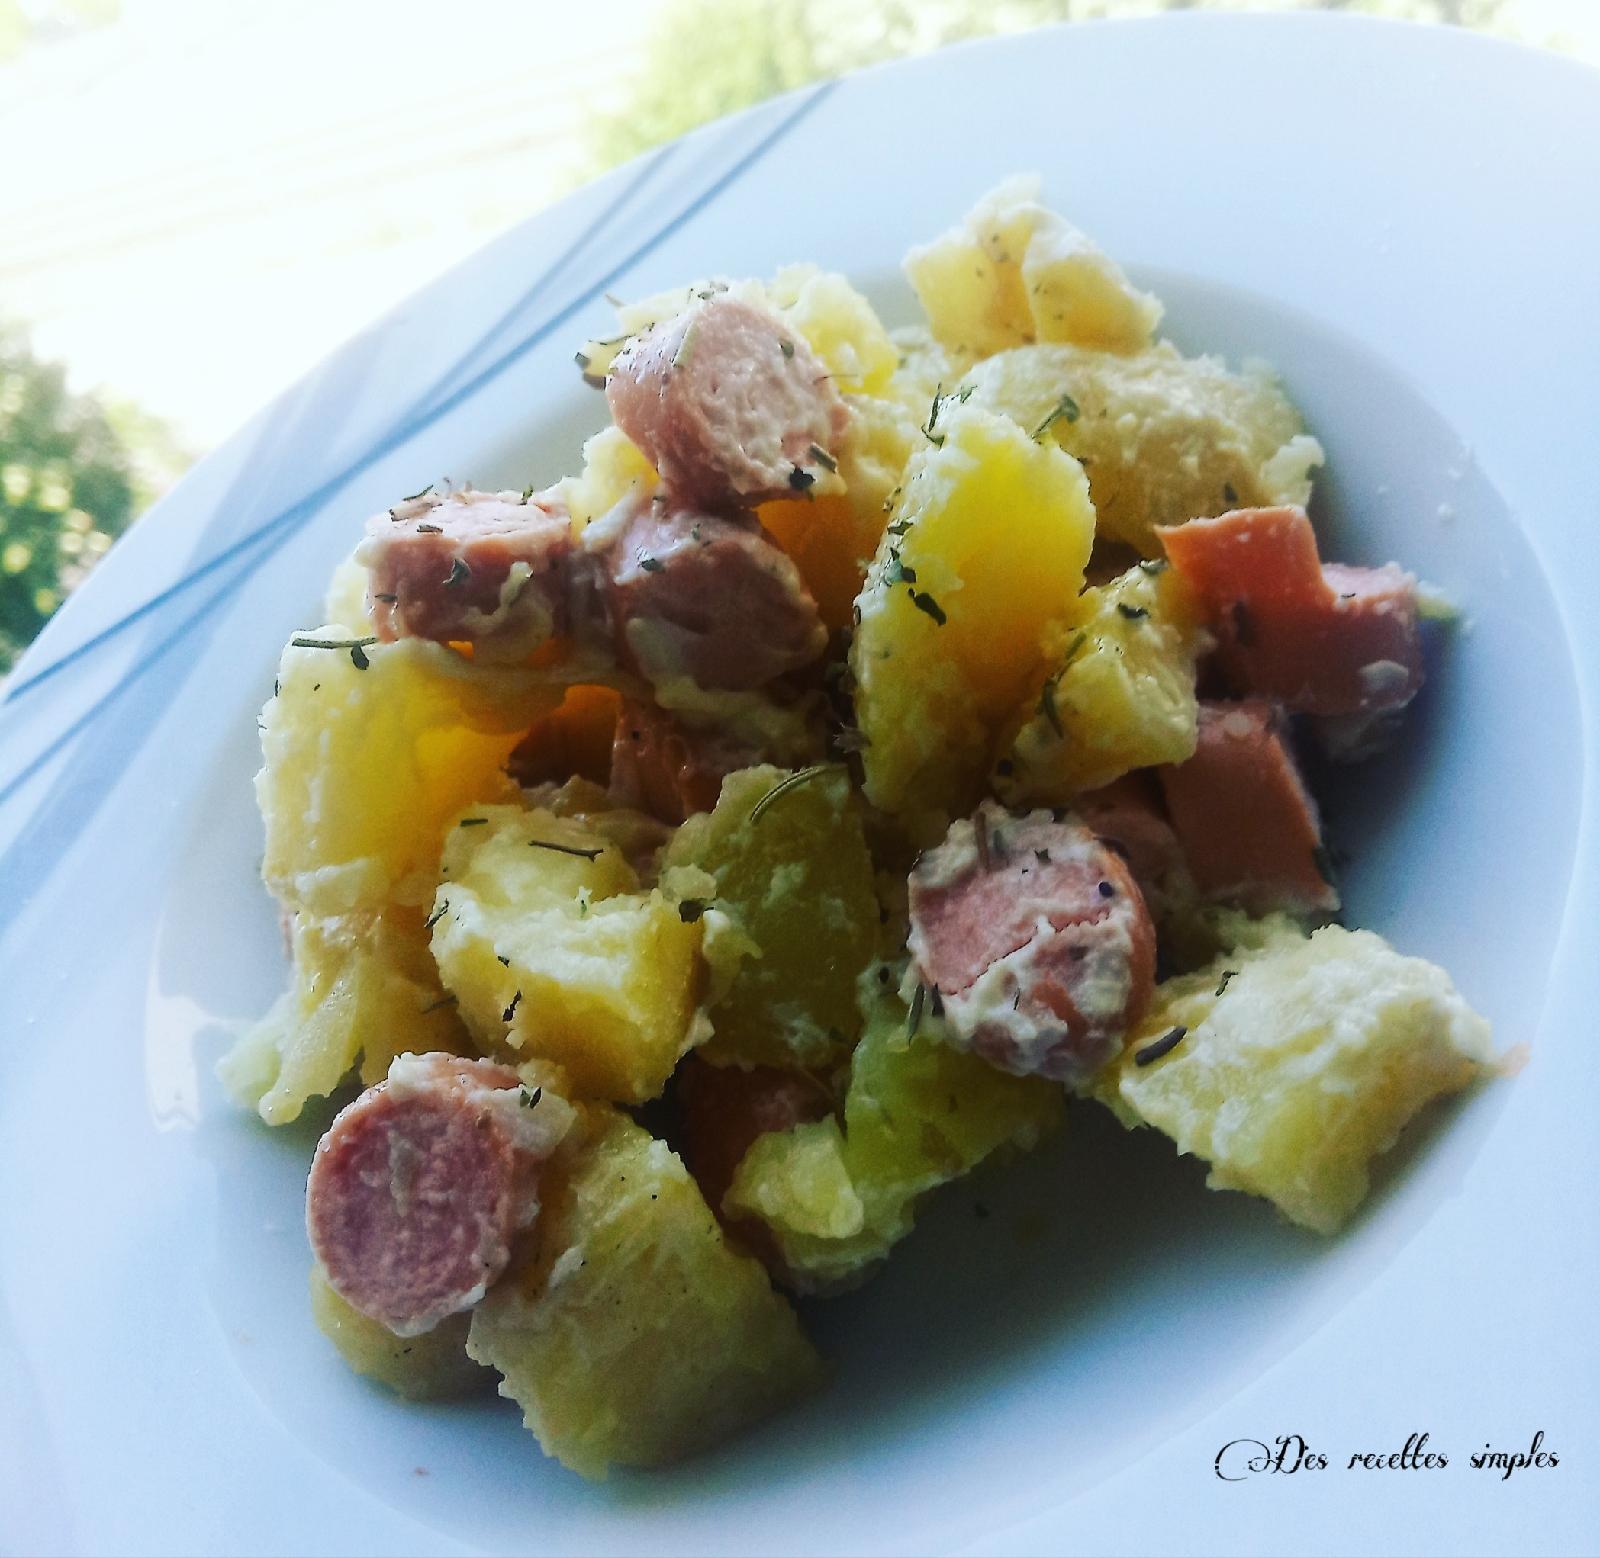 https://www.desrecettessimples-lacuisinedesandy.fr/2020/07/salade-de-pommes-de-terre-aux-knackis.html